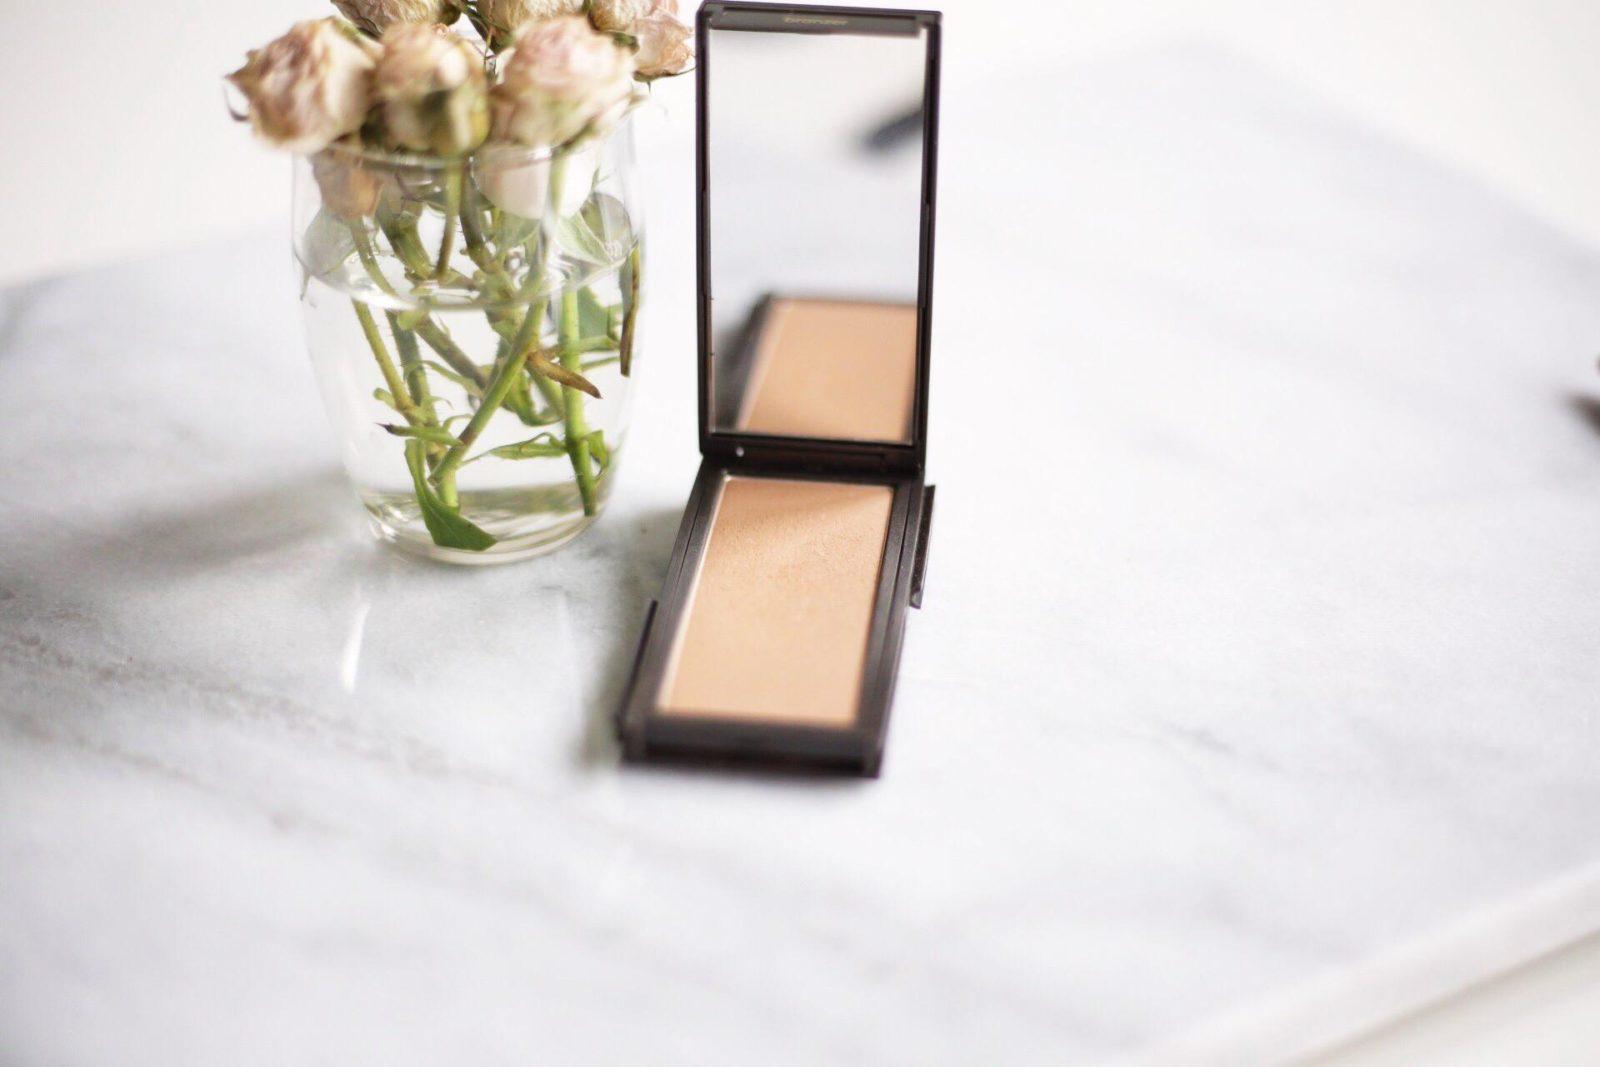 easy makeup Jouer bronzer